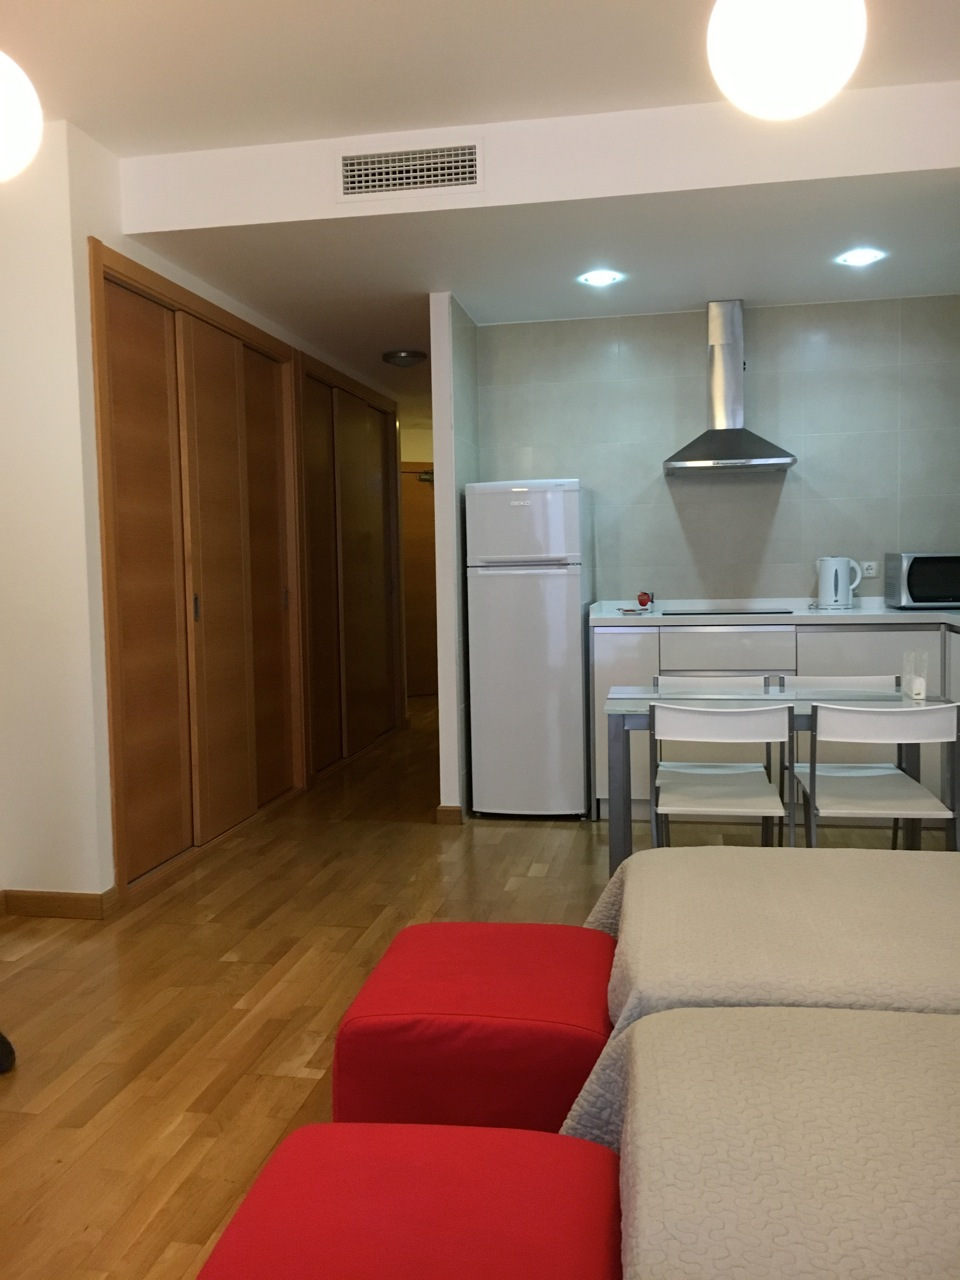 ruim, schoon en licht appartement